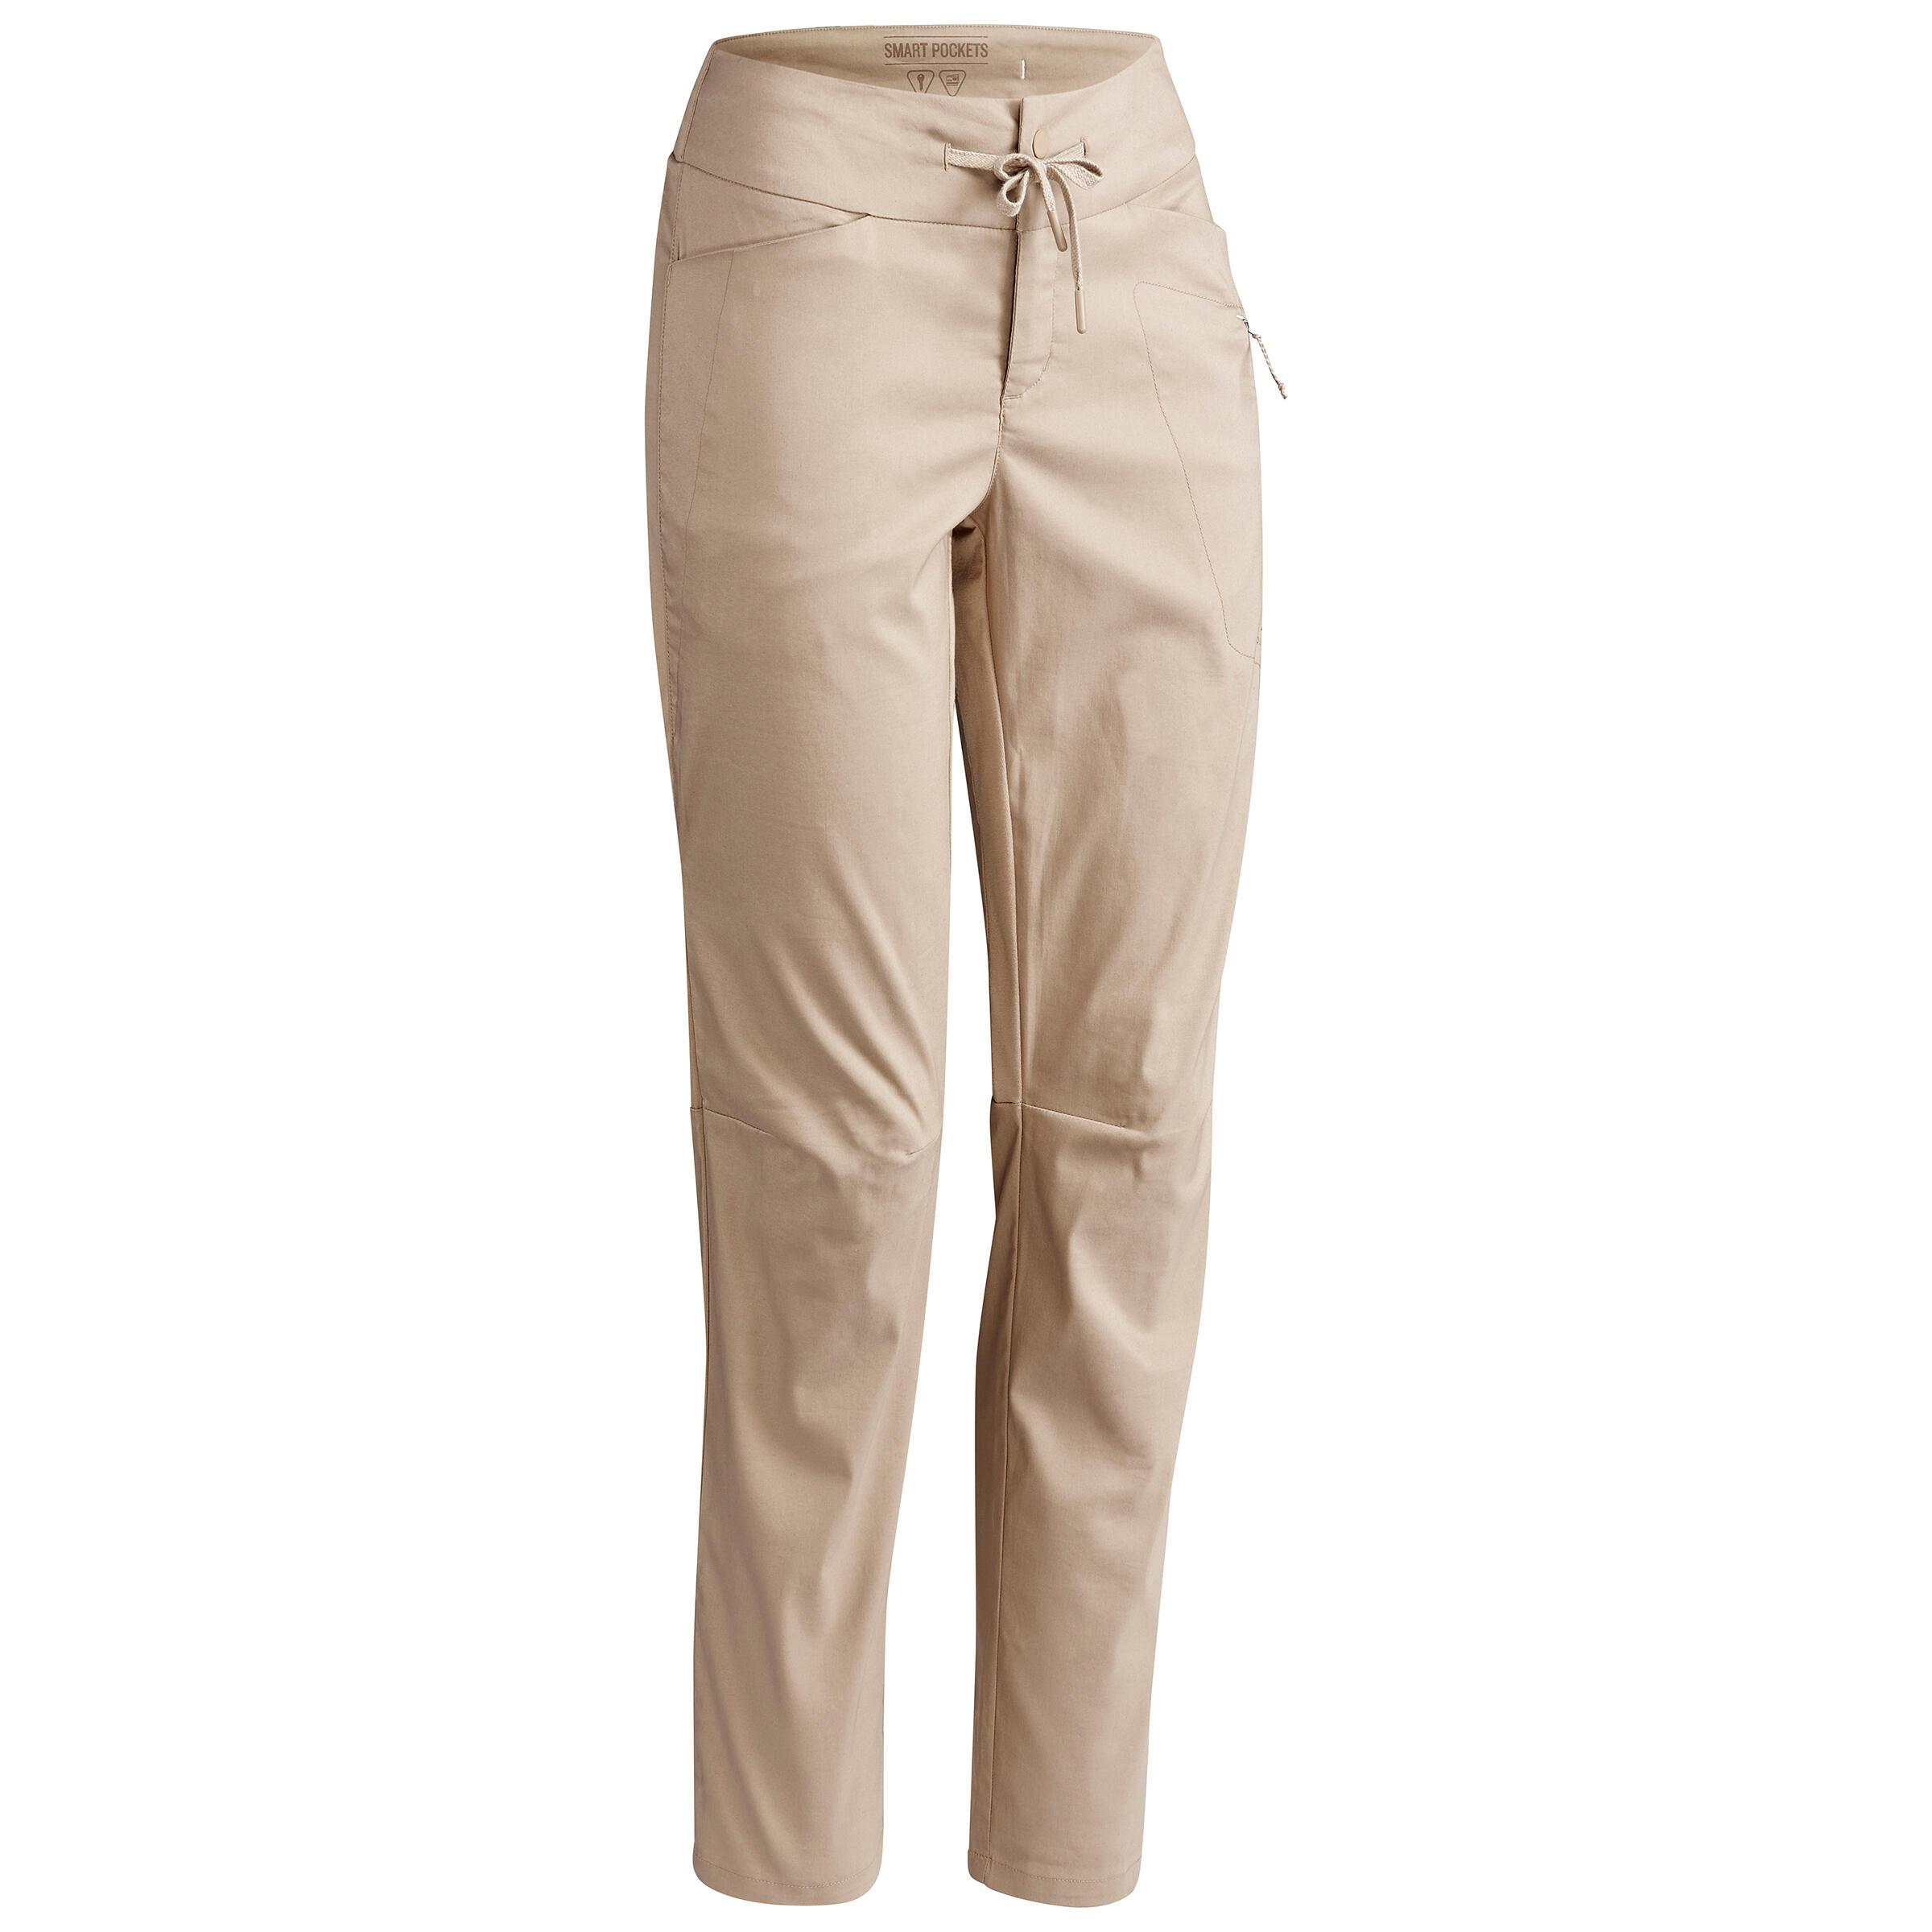 Pantalon REGULAR NH500 damă